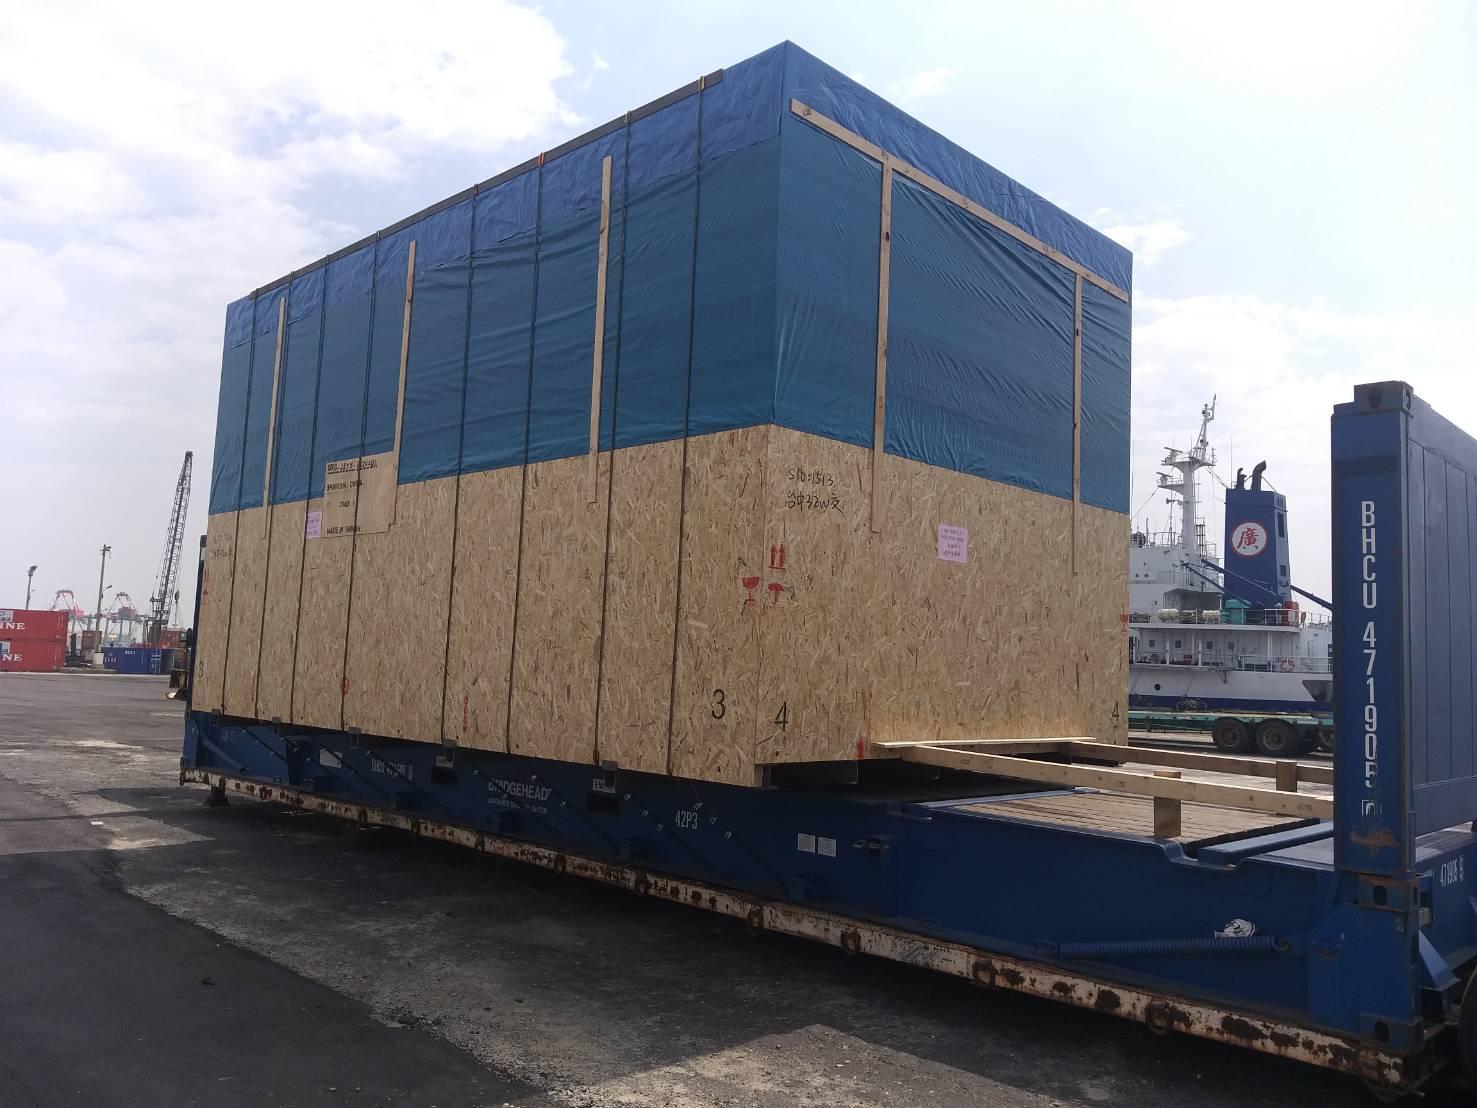 寄櫃, 貨櫃出售GP.HQ.RF, 超重超寬超高機台繫固與運輸, 倉儲